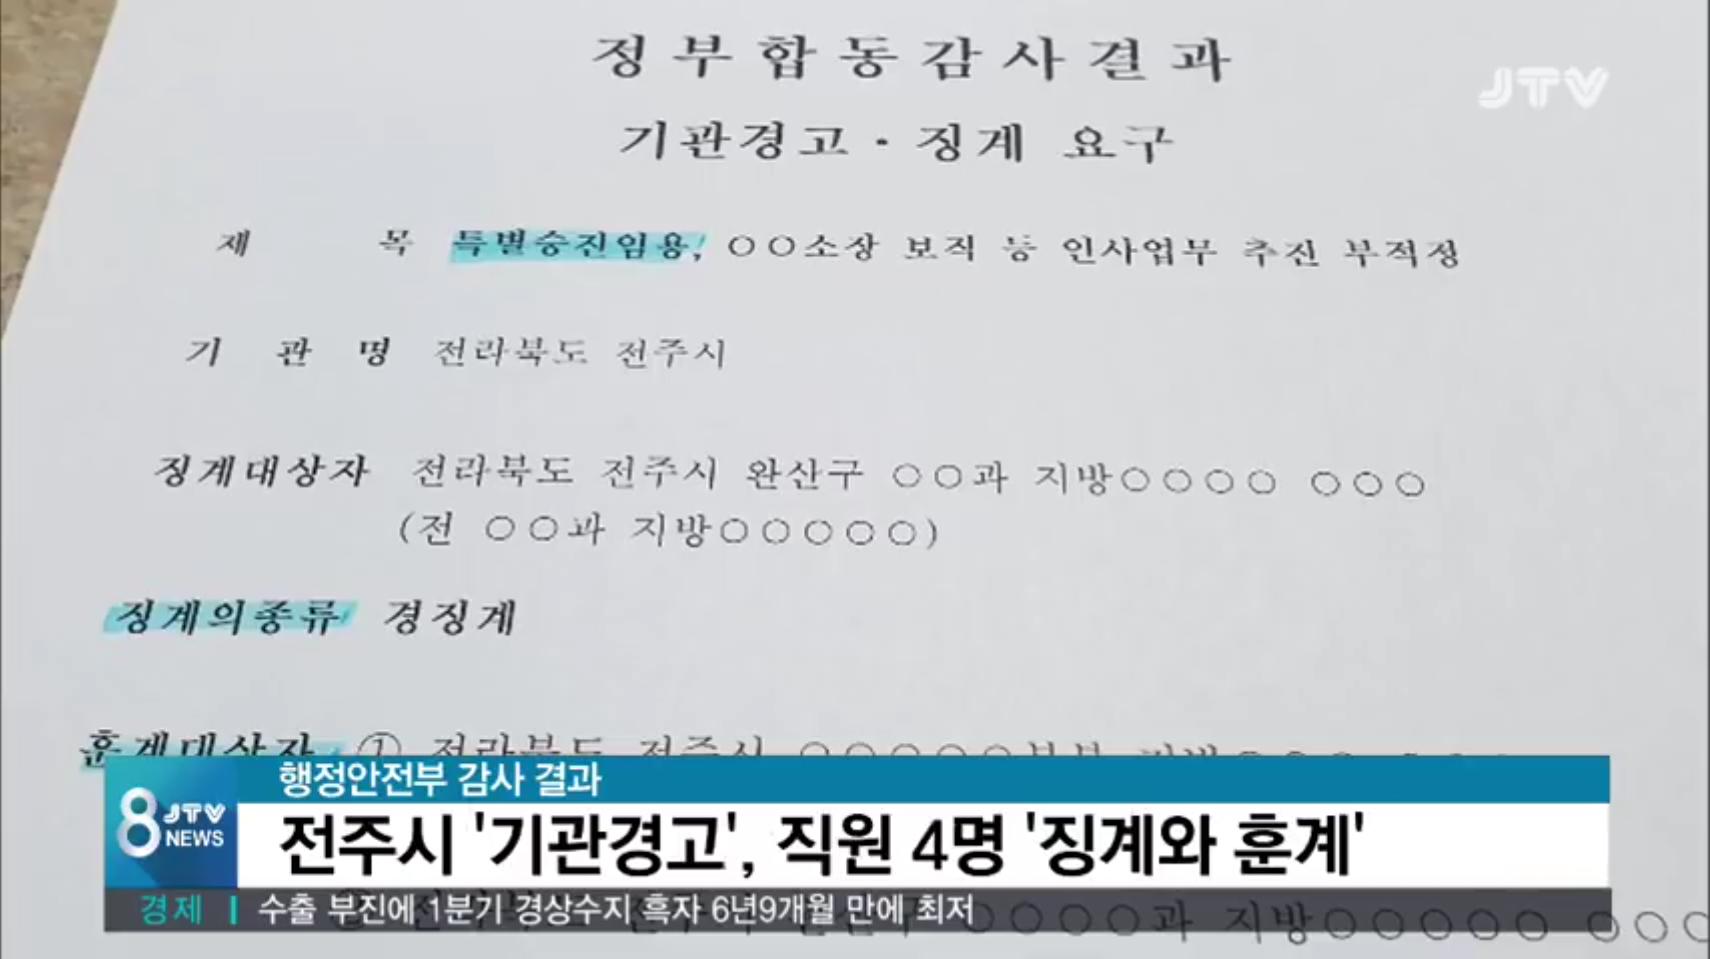 [19.5.7 JTV] 김승수 전주시장 고교선배 4급 특별승진7.png